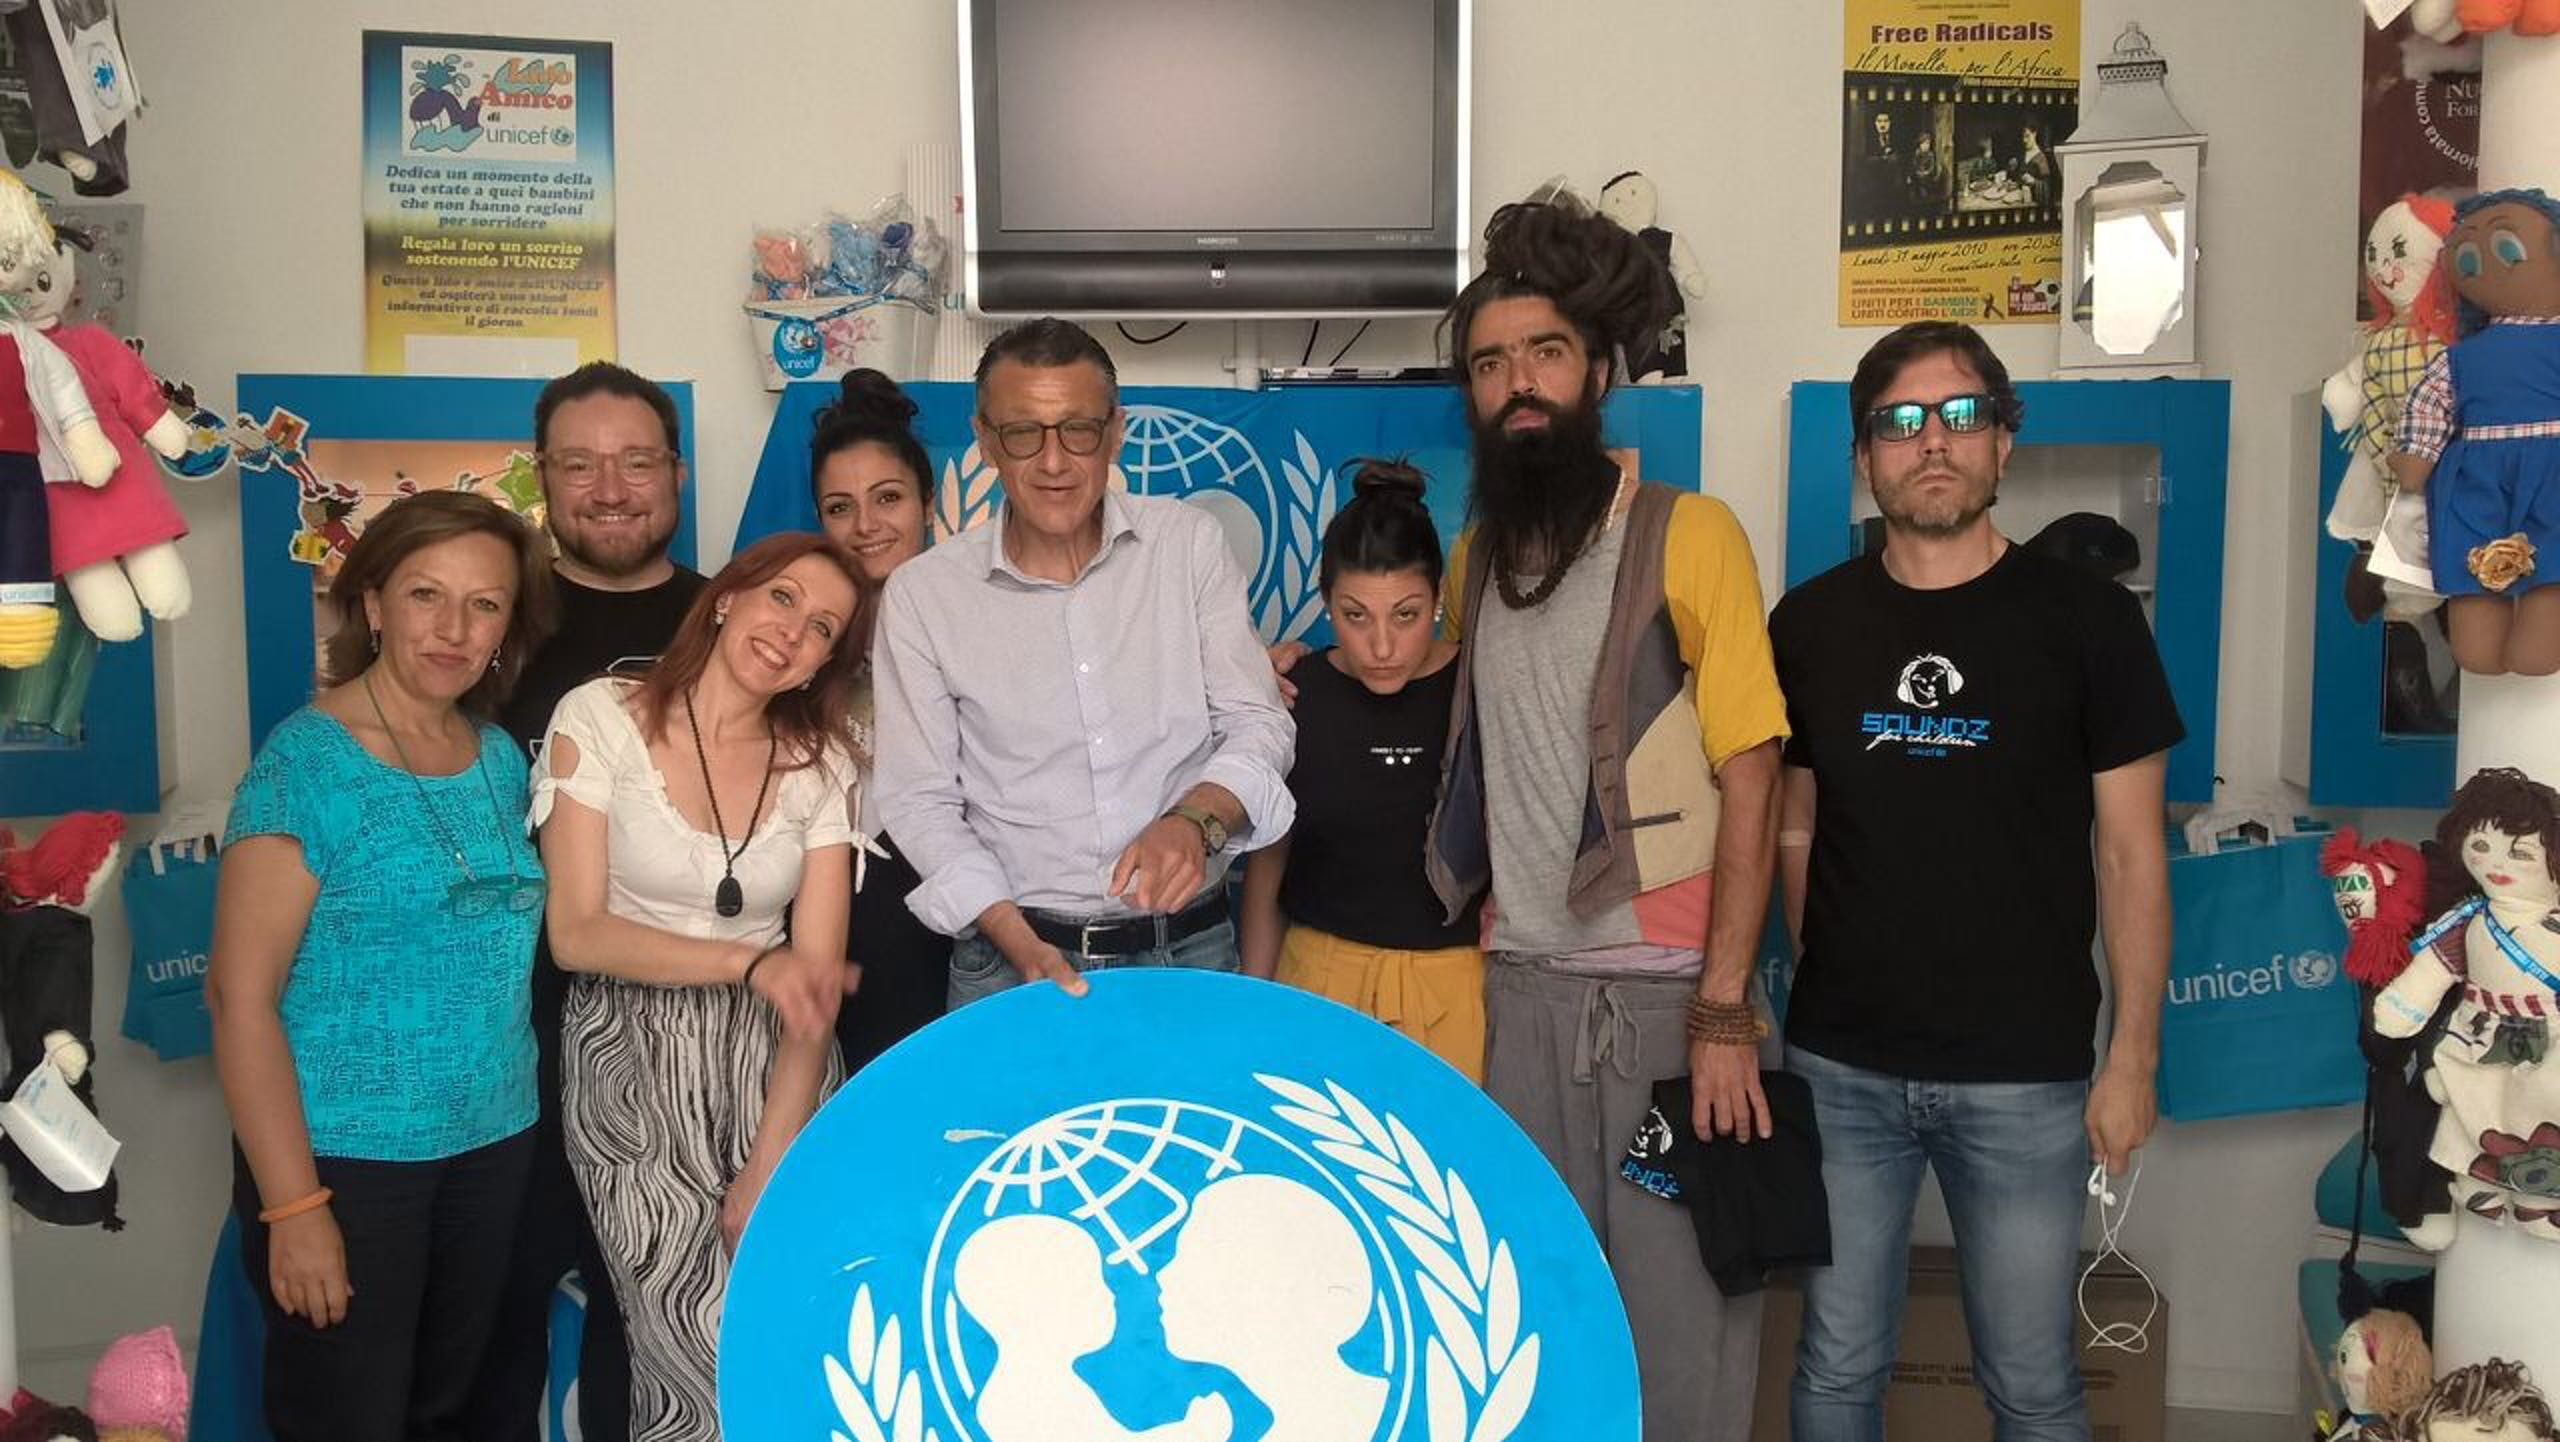 Telesforo insieme alla presidente Bianchi, Andrea Iacomini e alcuni musicisti